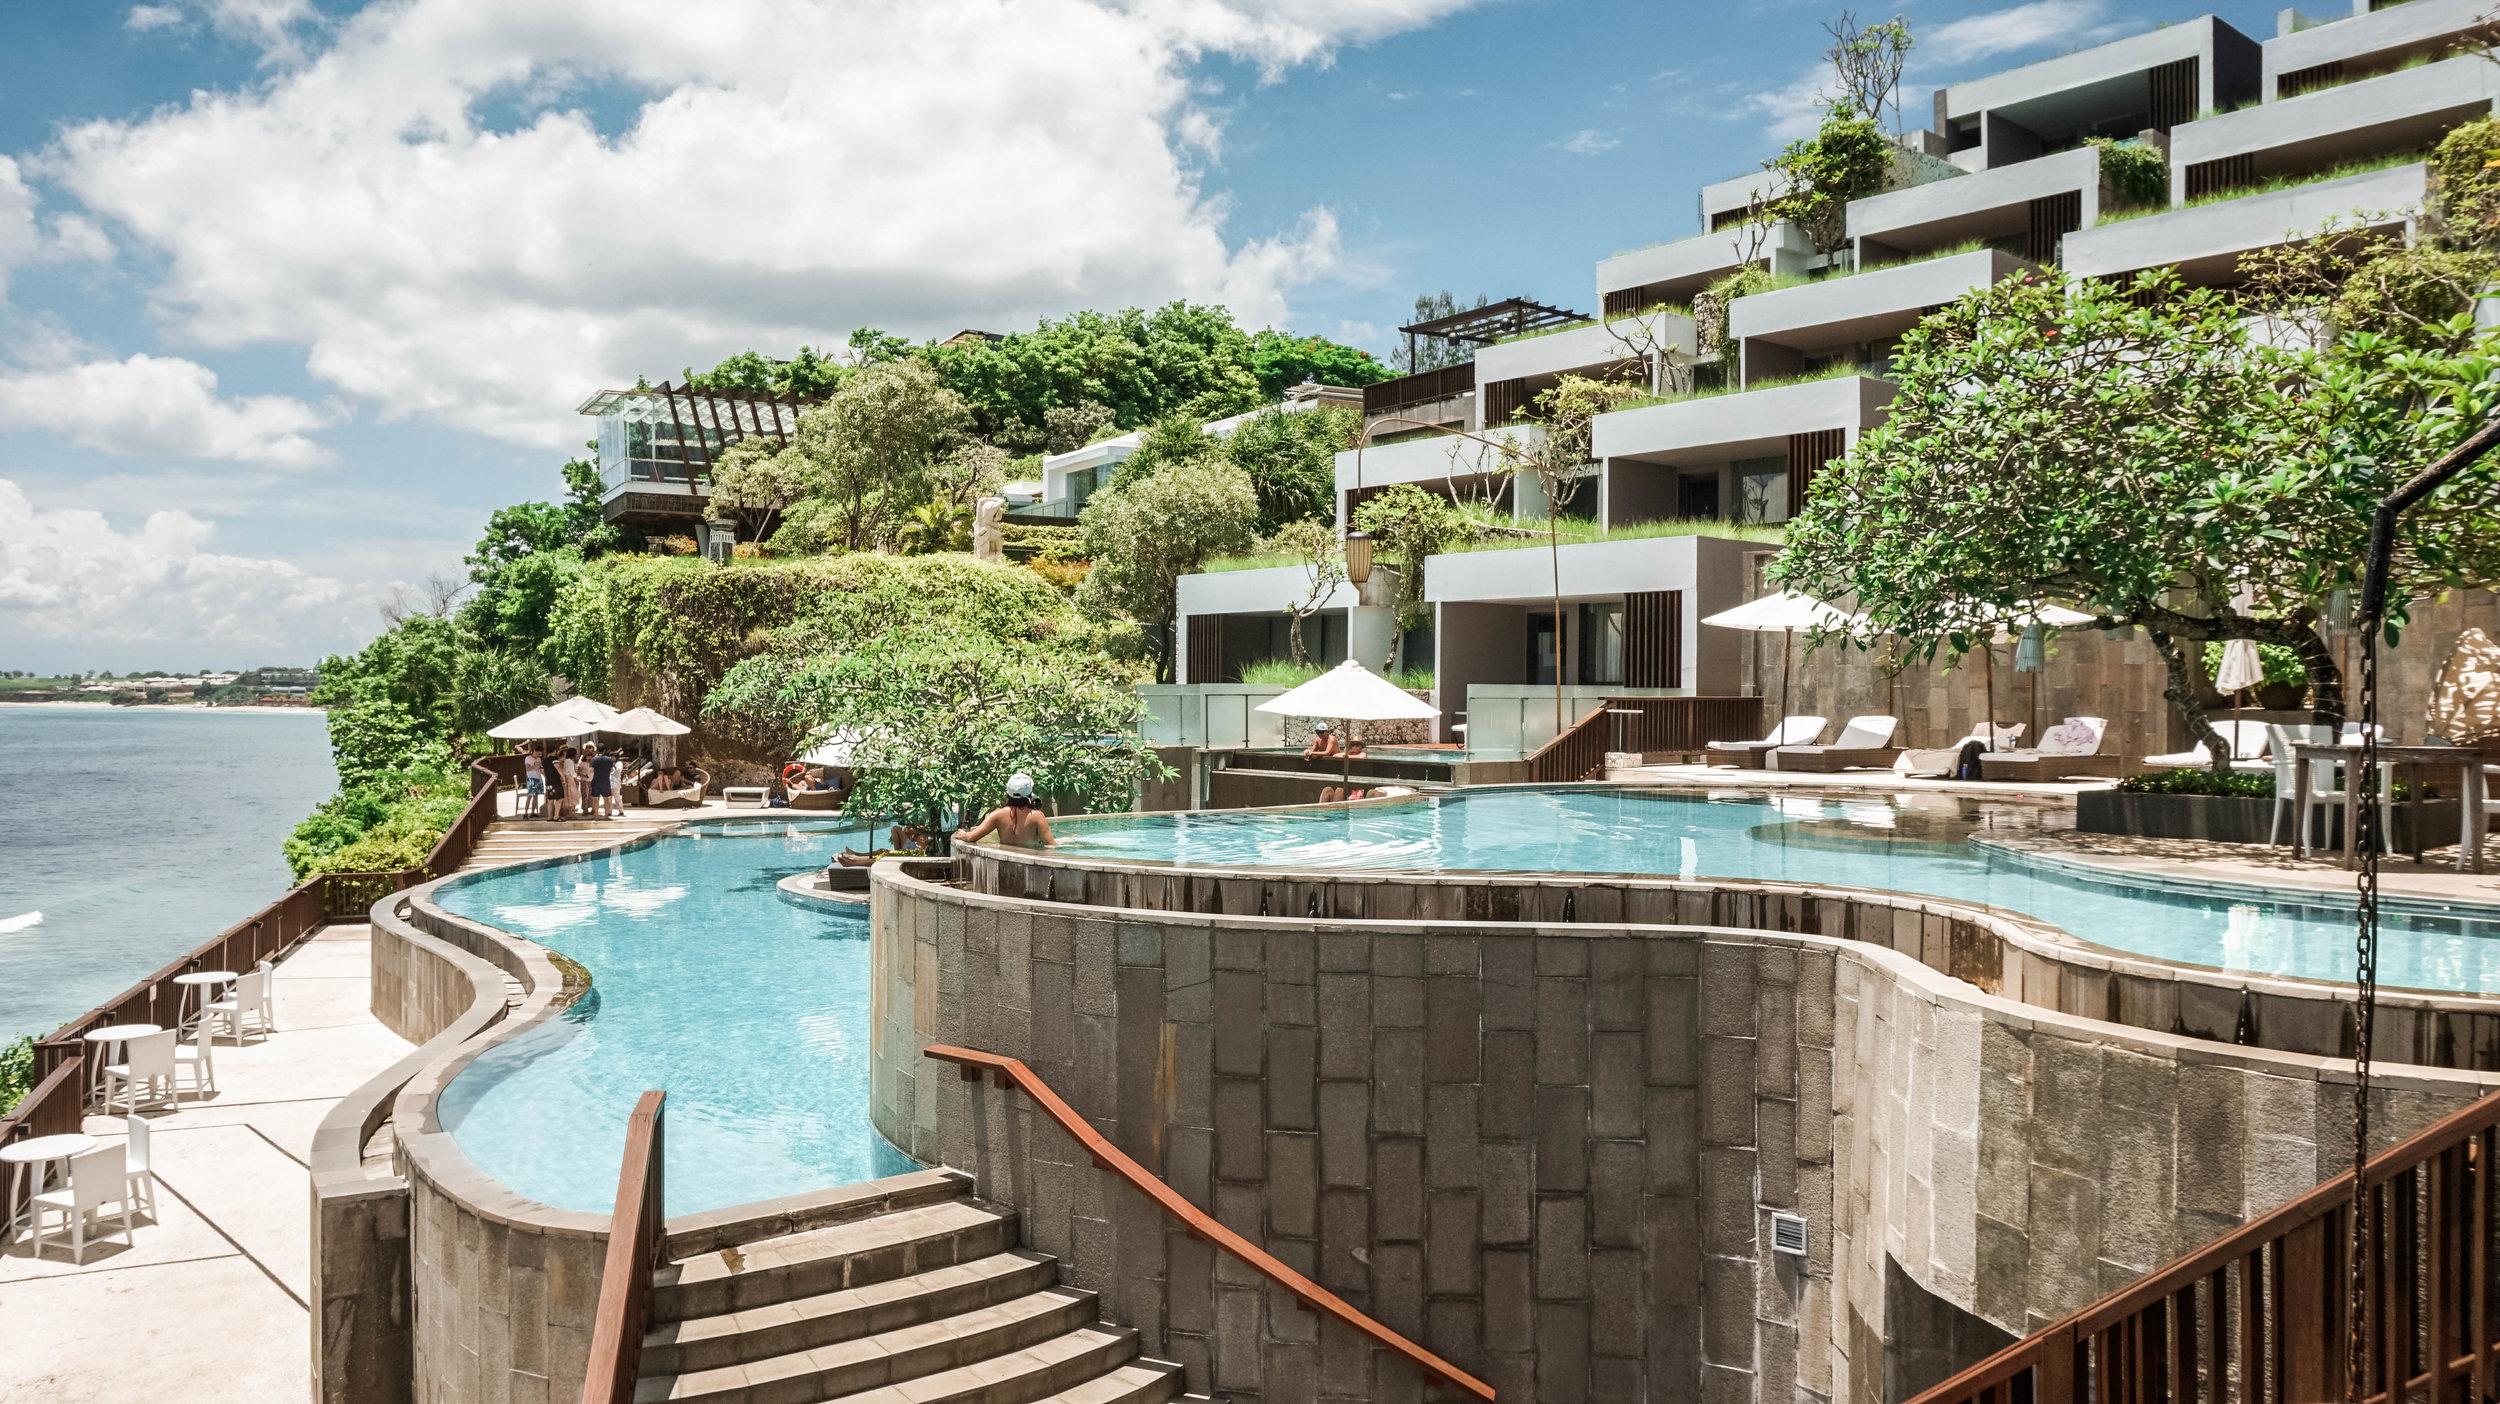 Anantara-uluwatu-balu-resort-2018.jpg